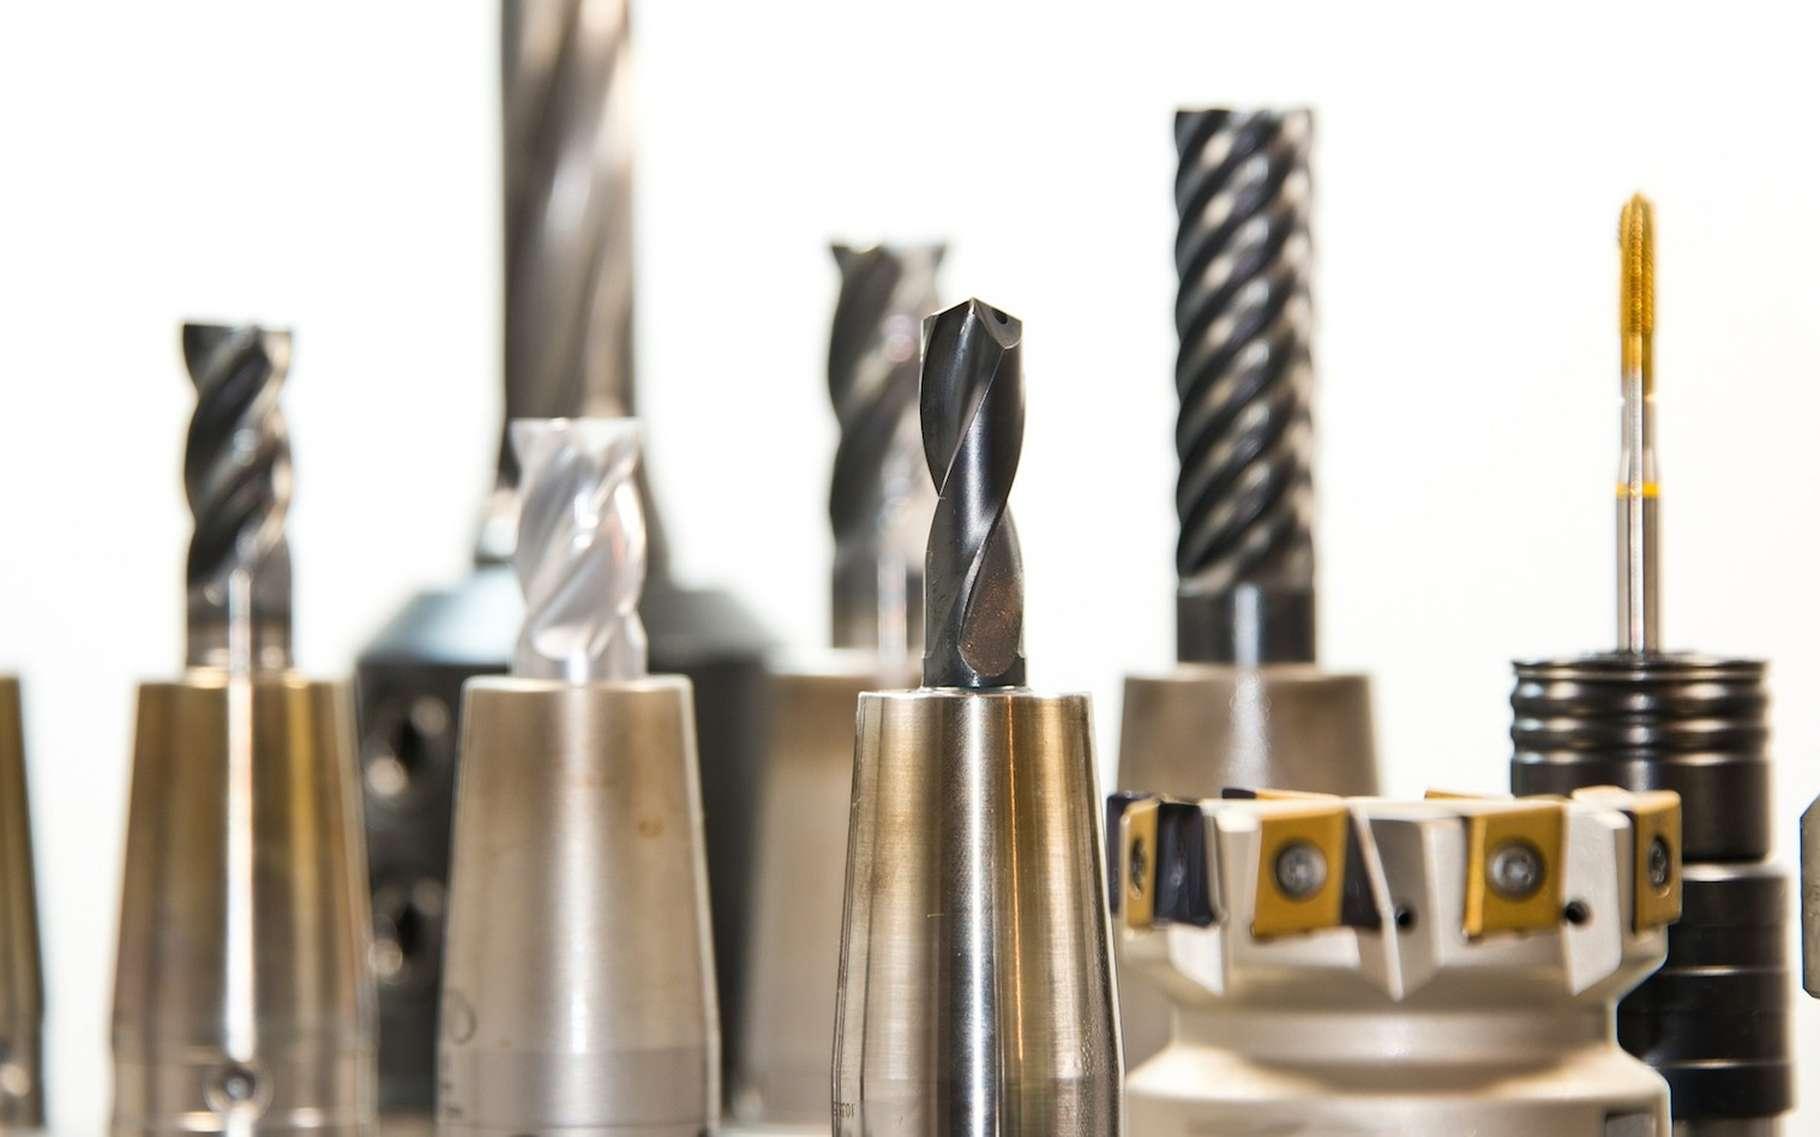 Certains forets sont revêtus de nitrure de titane afin de les durcir. © blickpixel, Pixabay, CC0 Creative Commons